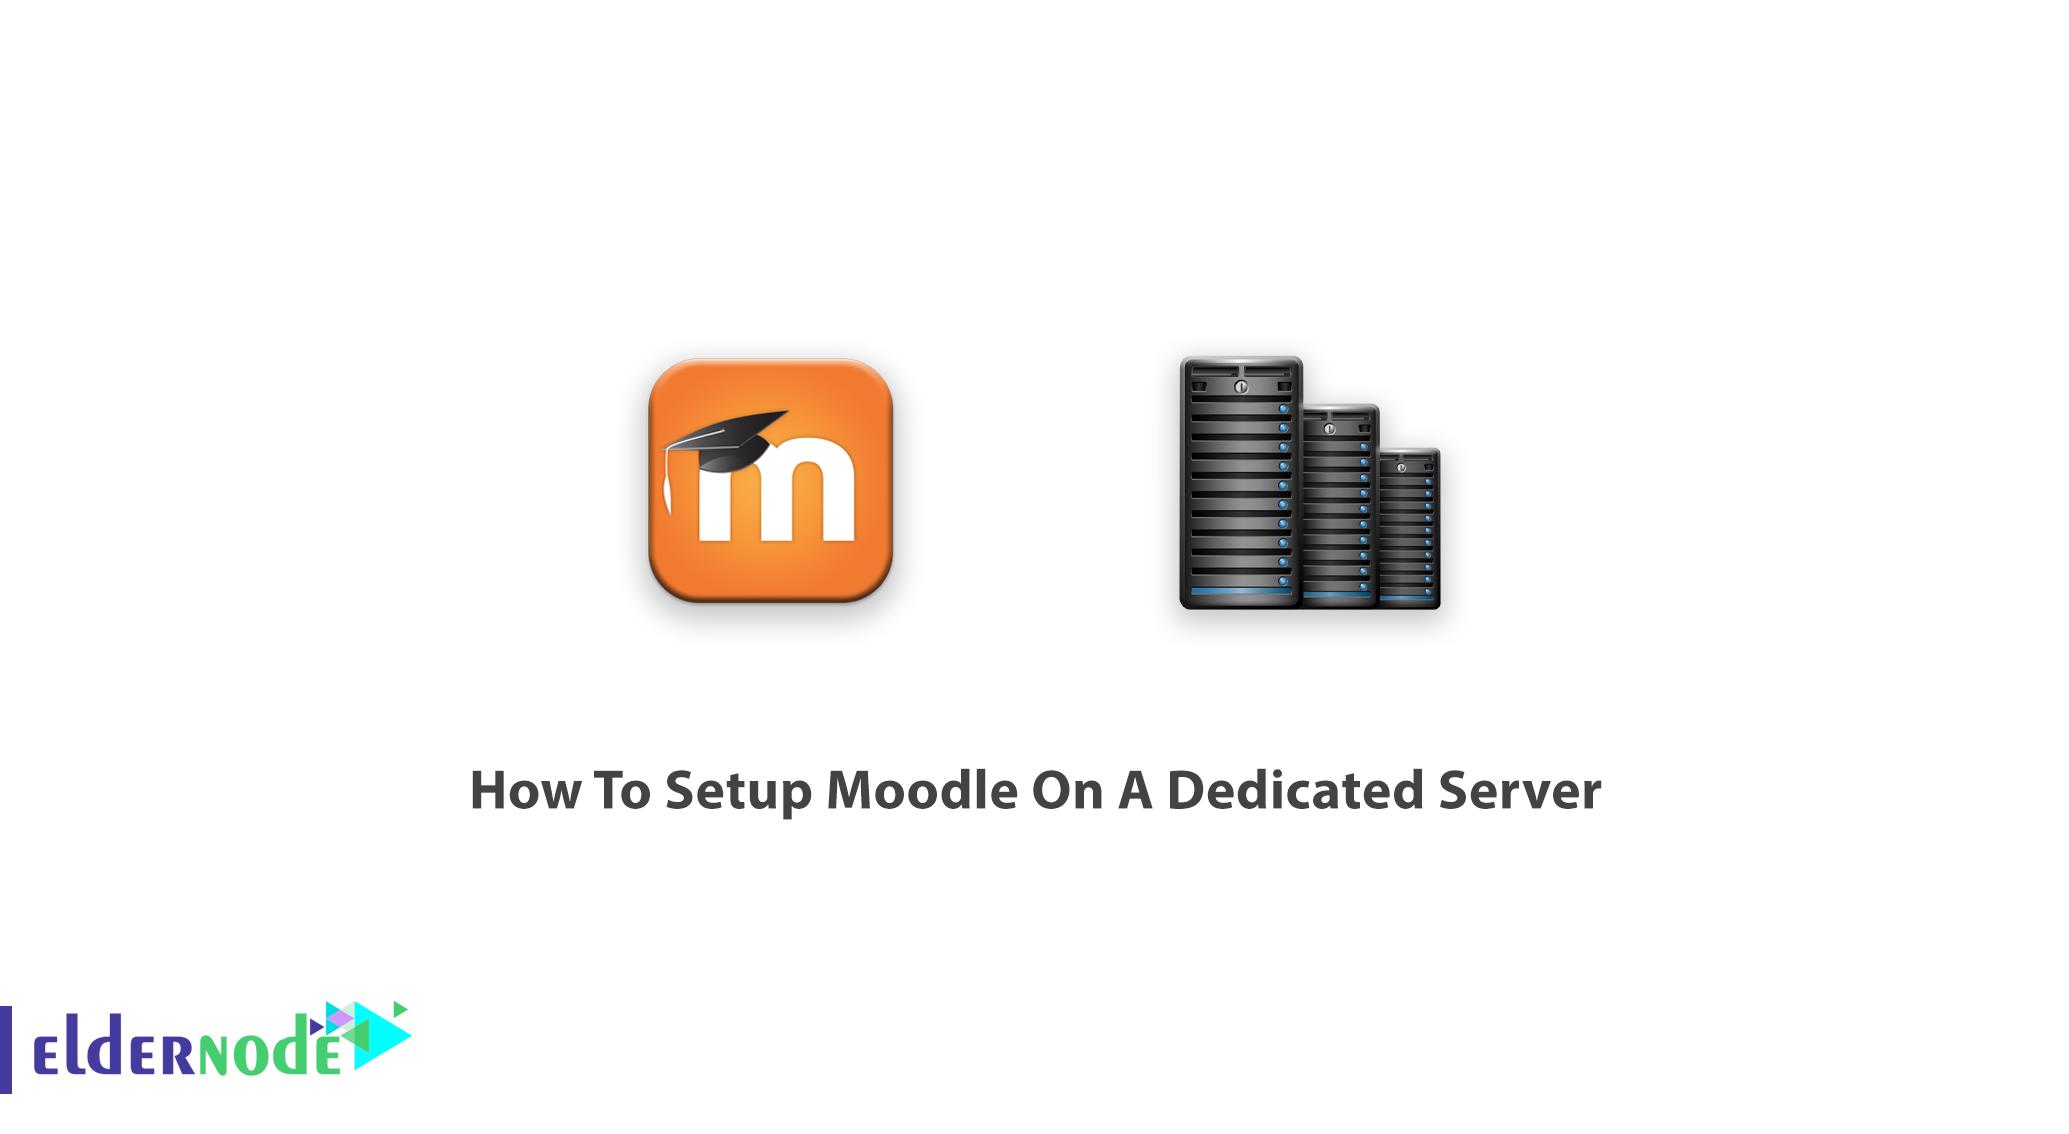 How To Setup Moodle On A Dedicated Server